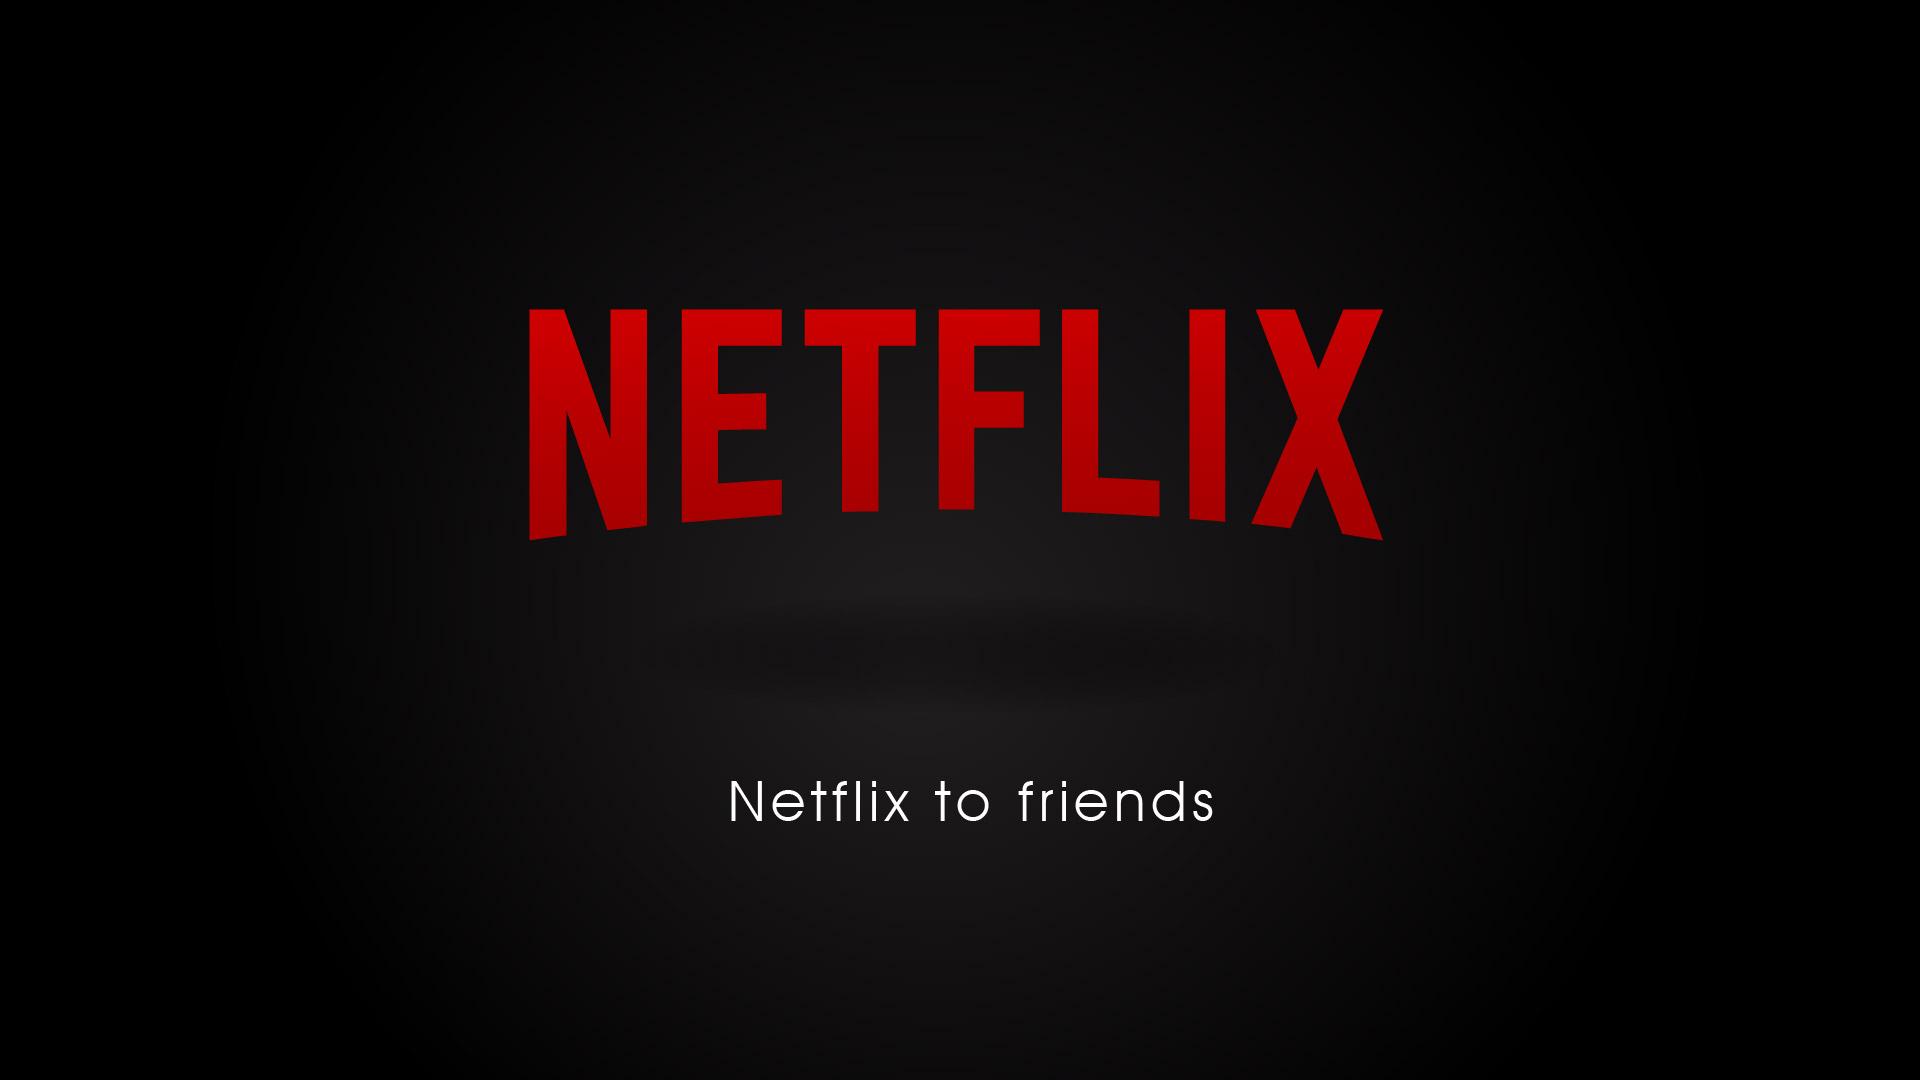 Netflix to friends